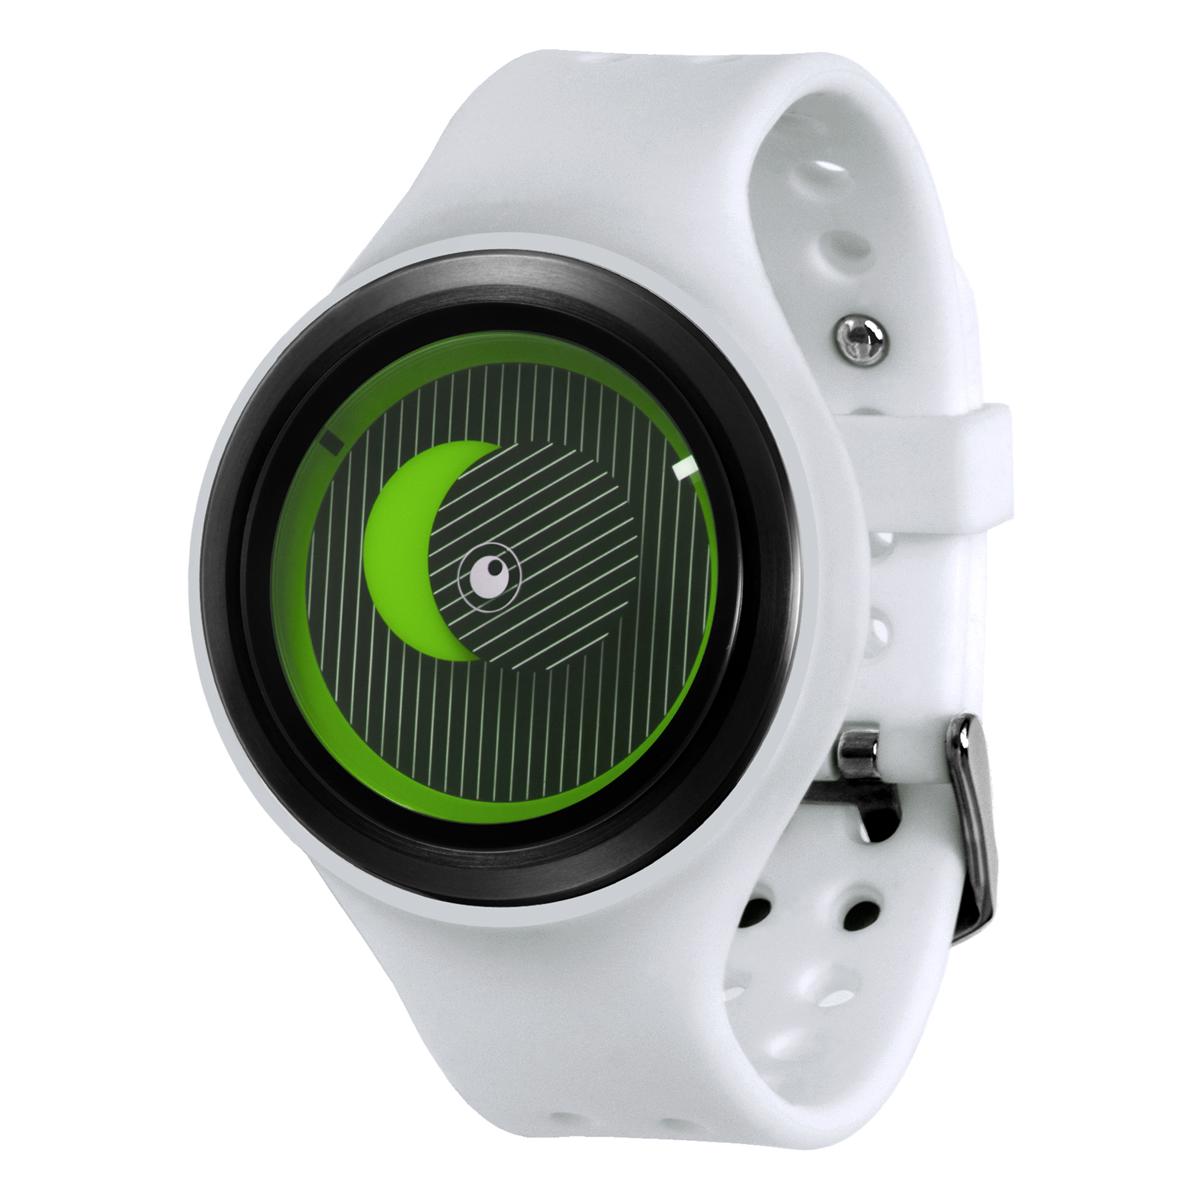 ZEROO SECRET UNIVERSE ゼロ 電池式クォーツ 腕時計 [W00502B03SR01] ホワイト デザインウォッチ ペア用 メンズ レディース ユニセックス おしゃれ時計 デザイナーズ